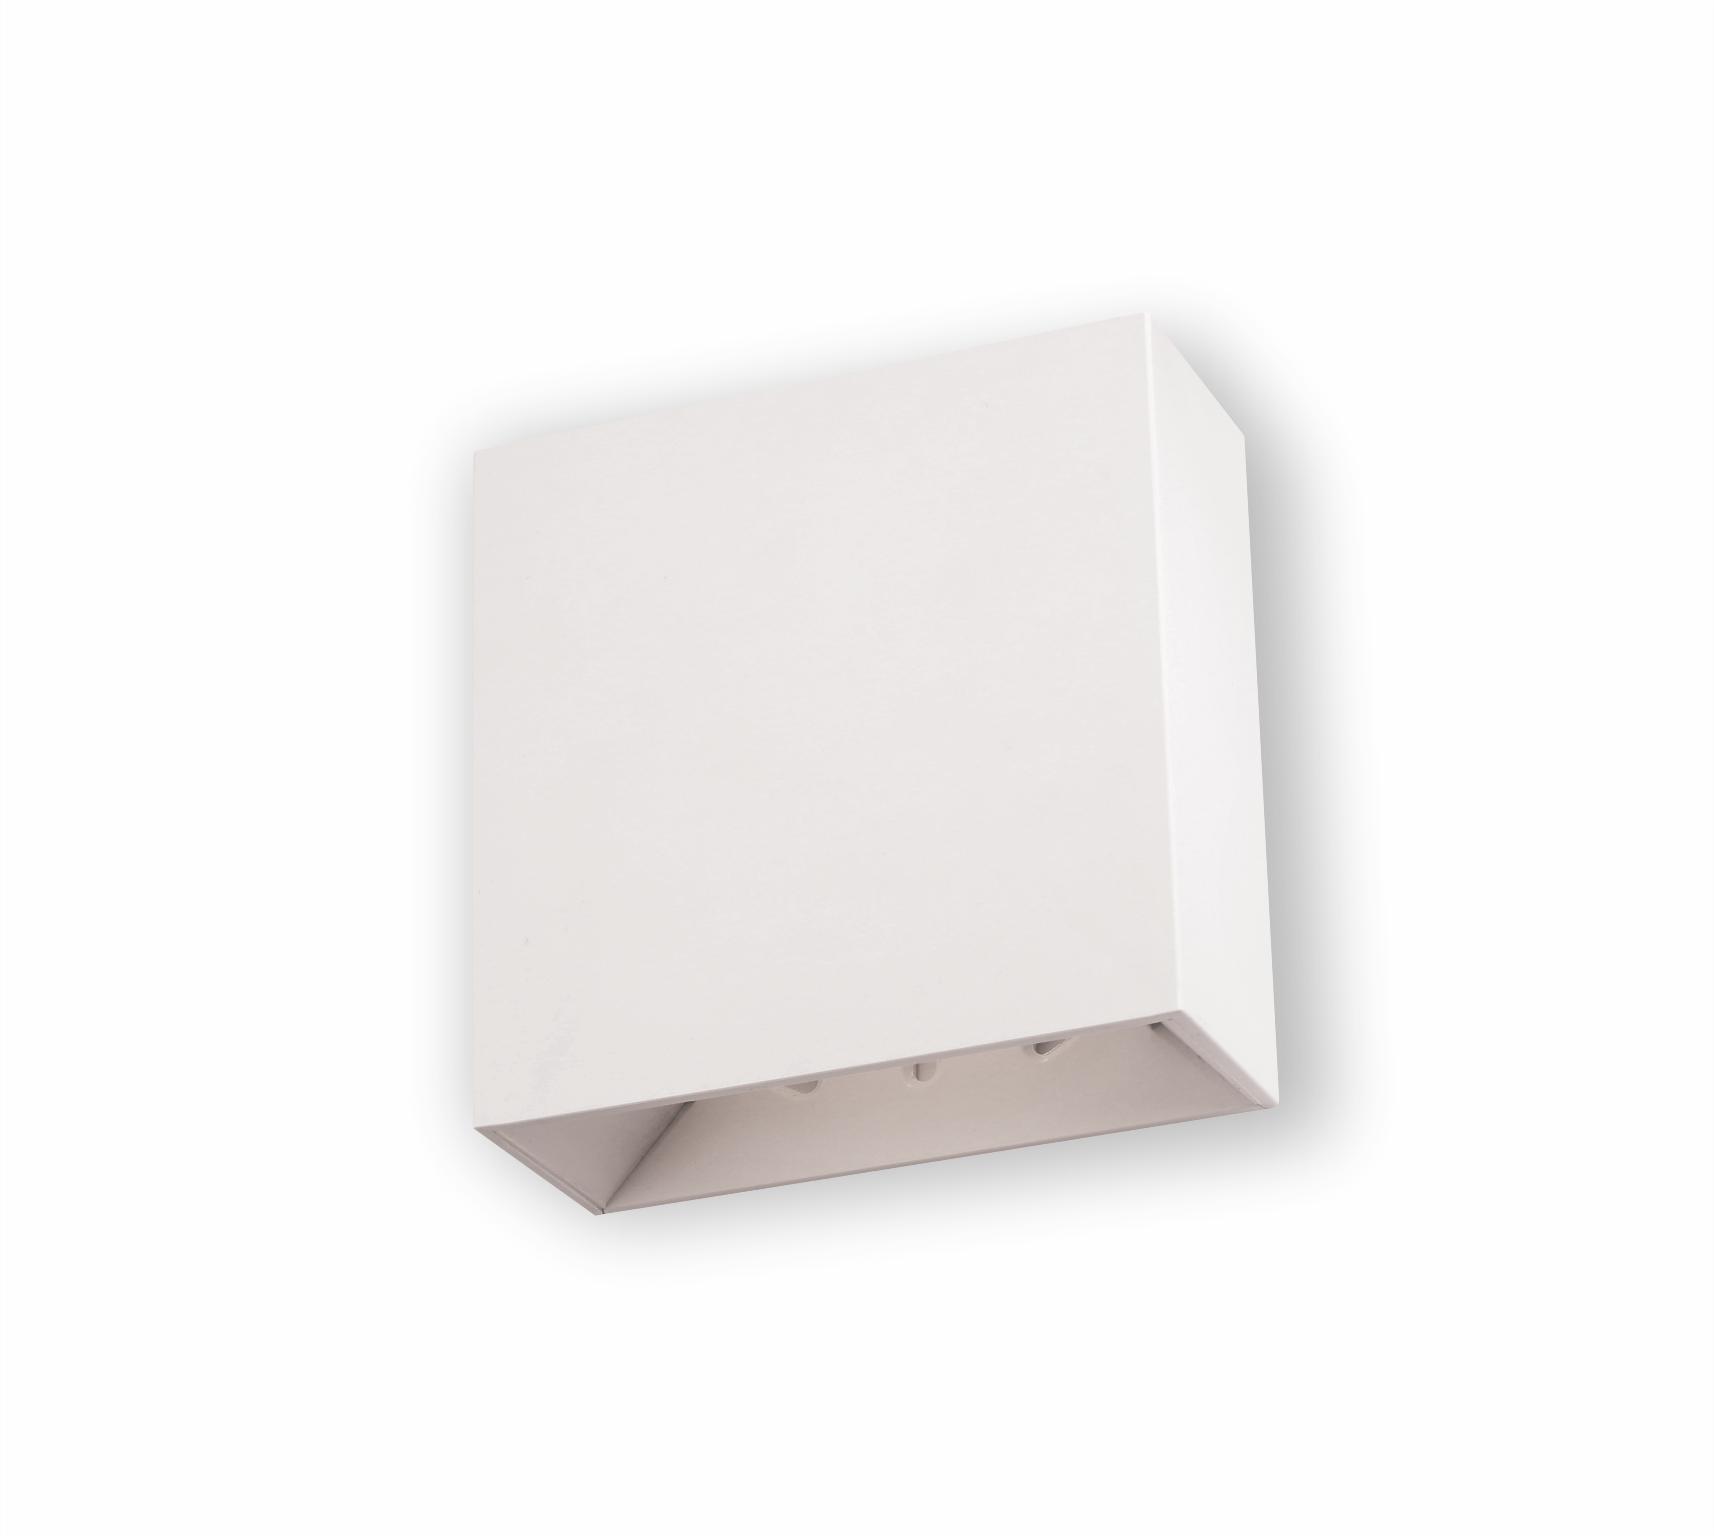 IBIS-LED-PC-4-65-3BRC <span>(caixa)</span><br/>